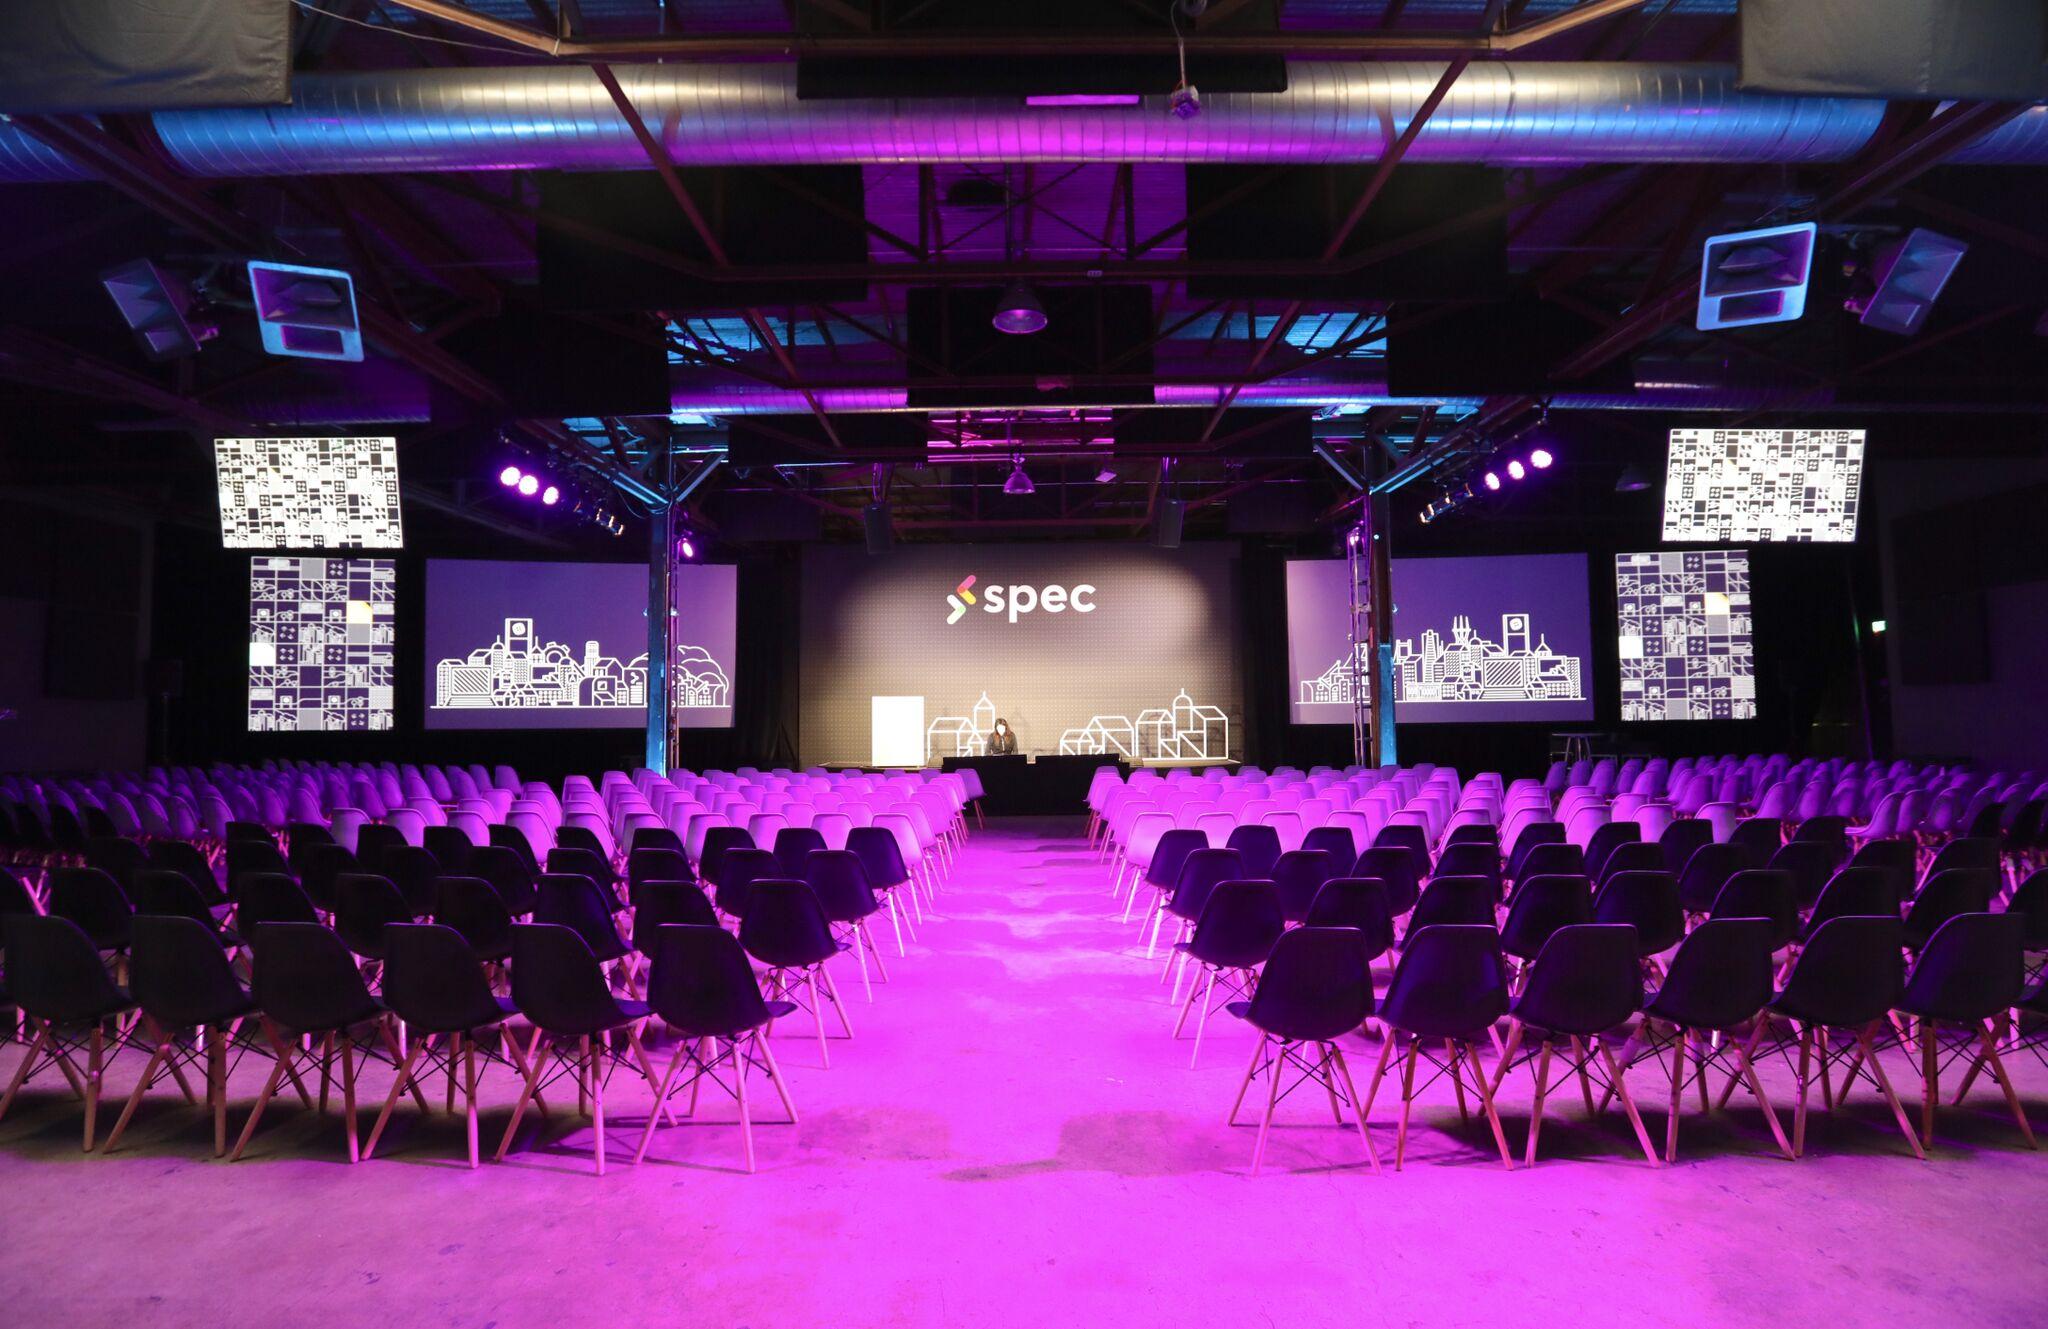 Spec: Slack's first developer conference